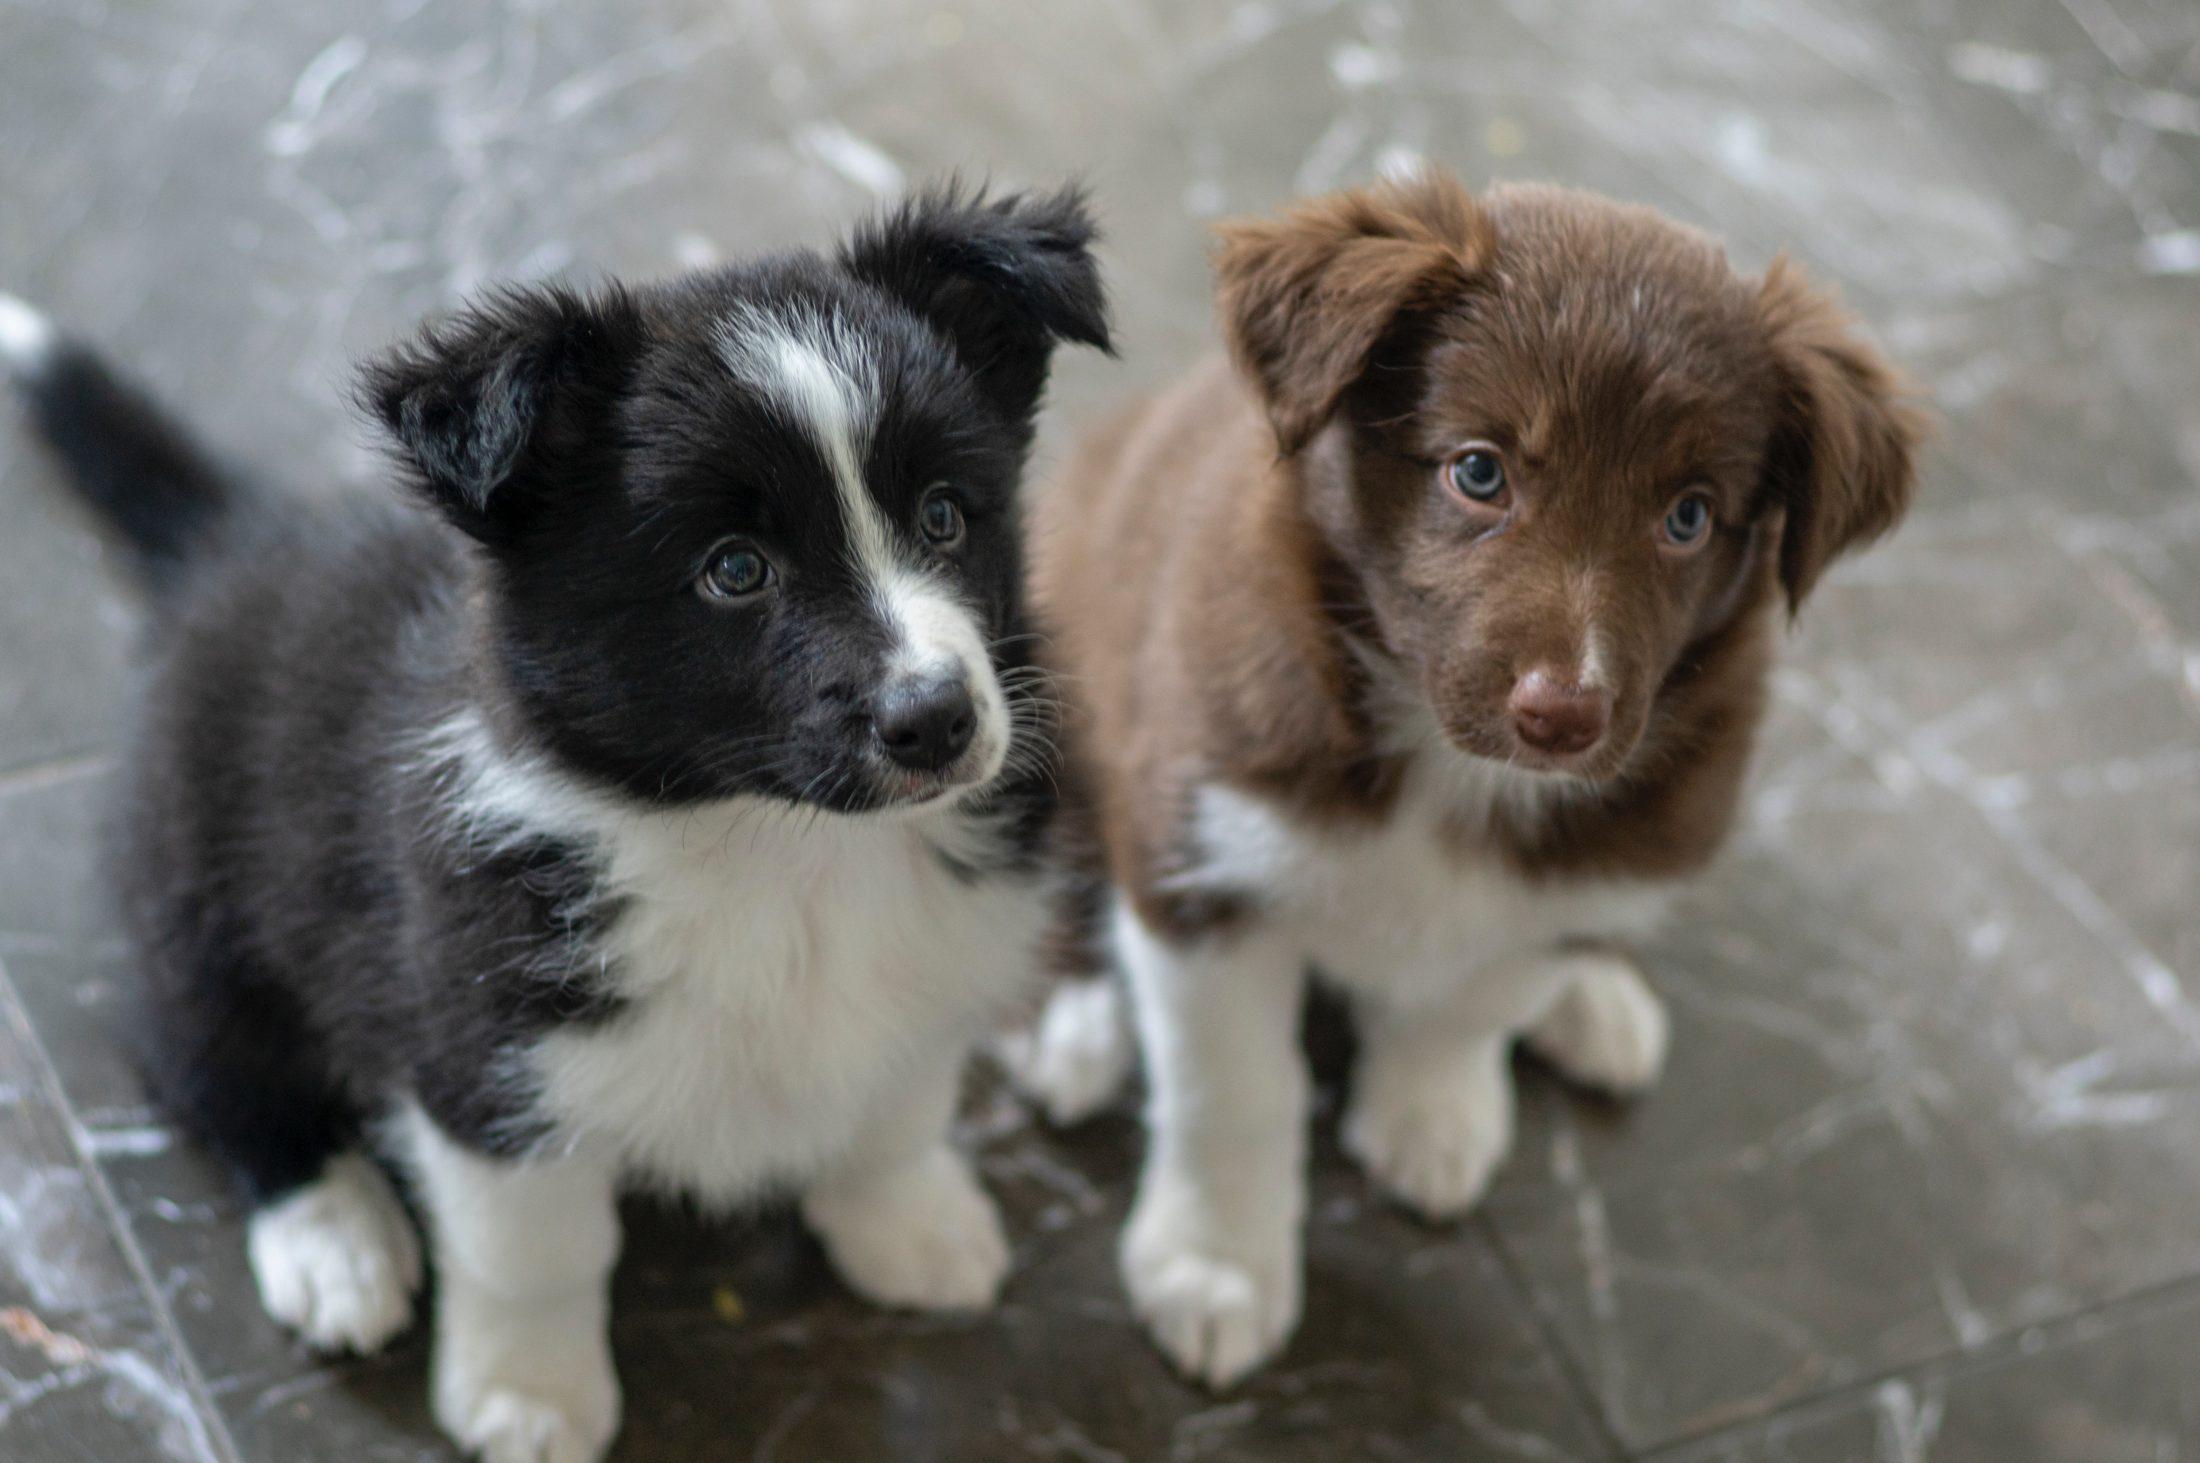 cuidados com cachorro: socialização